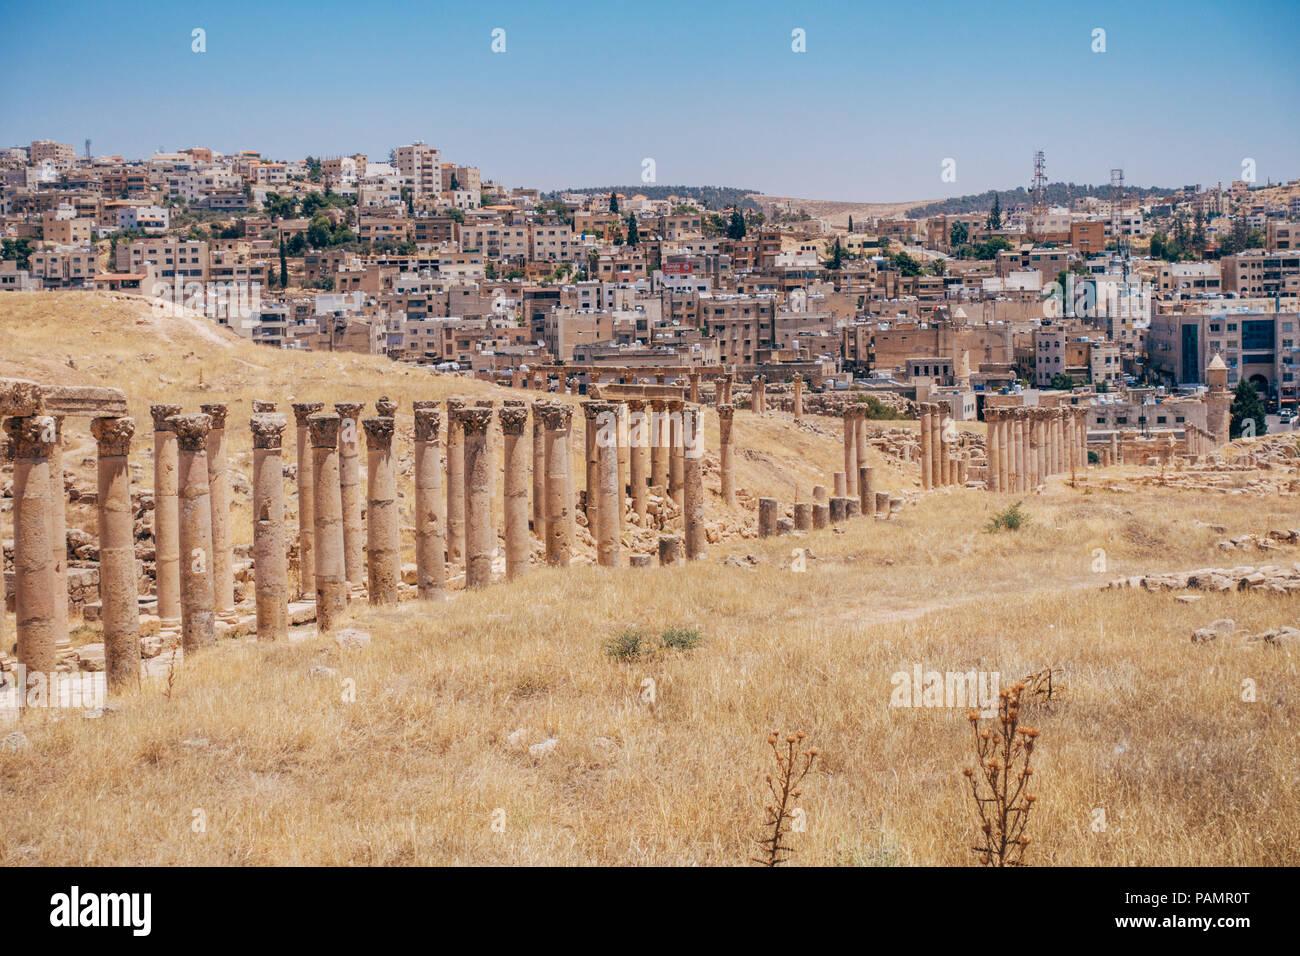 Alten alten griechisch-Römischen Säulen line gepflasterten Straßen, an einem warmen Sommertag in Jerash, Jordanien Stockbild